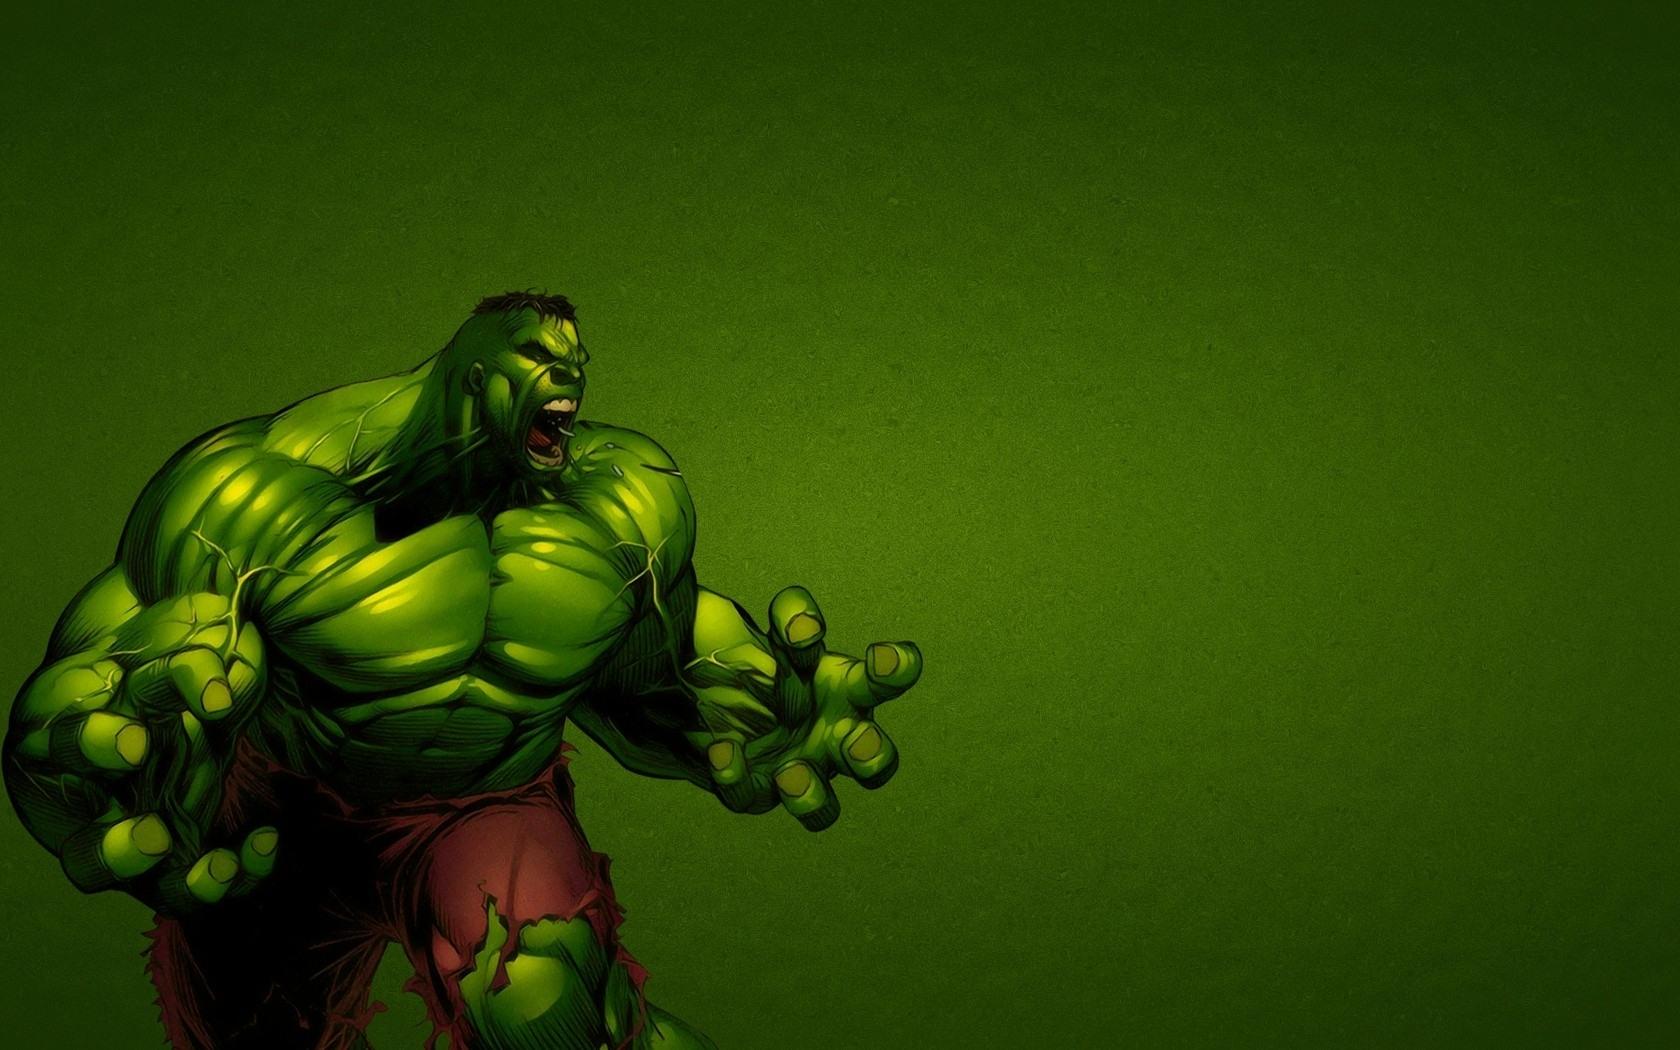 hulk Wallpaper 1680x1050